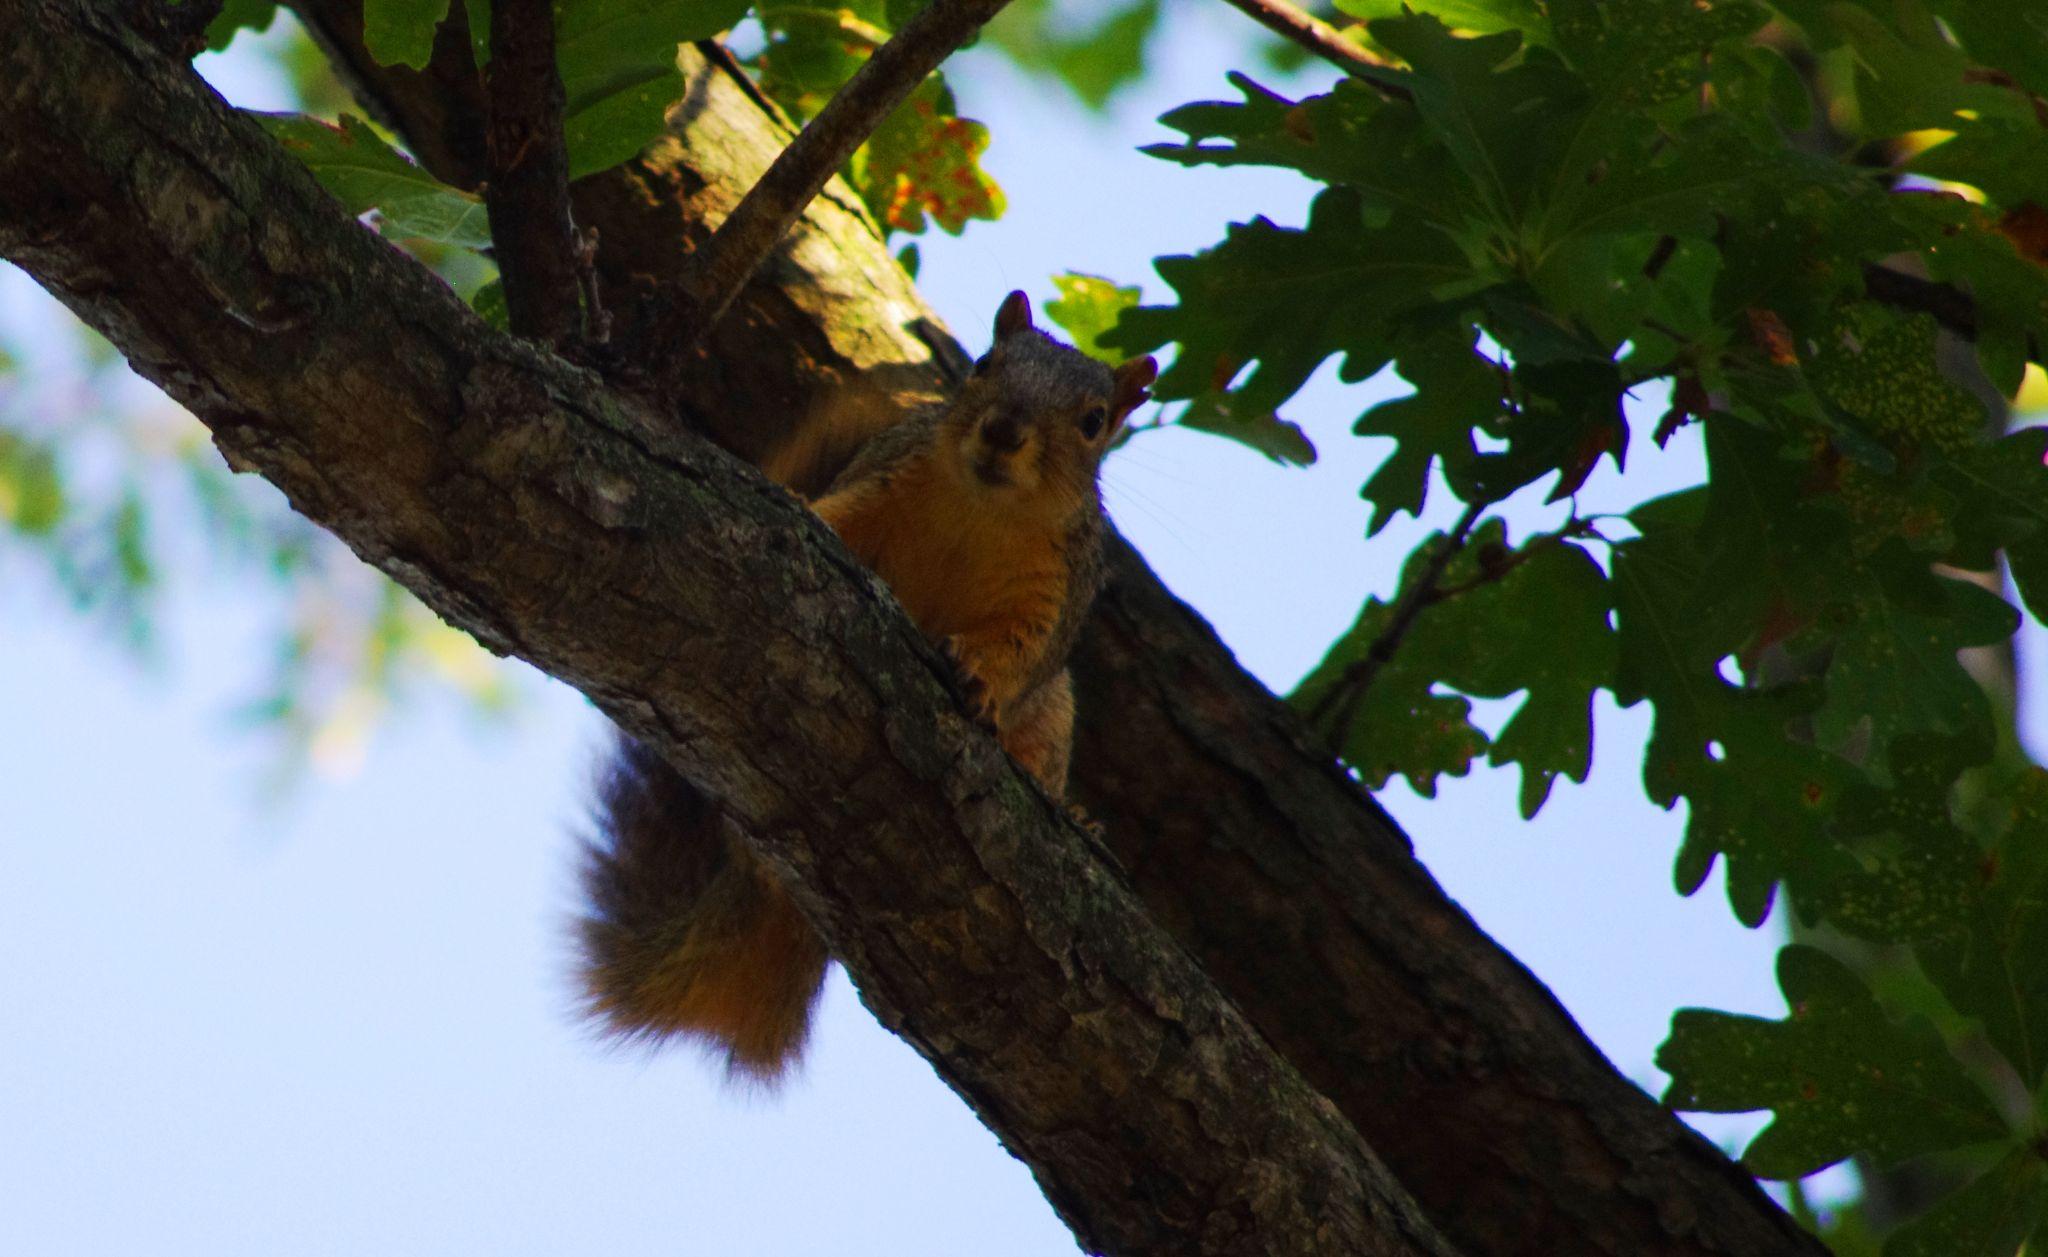 Cute squirrel by Fernanda Caleffi Barbetta